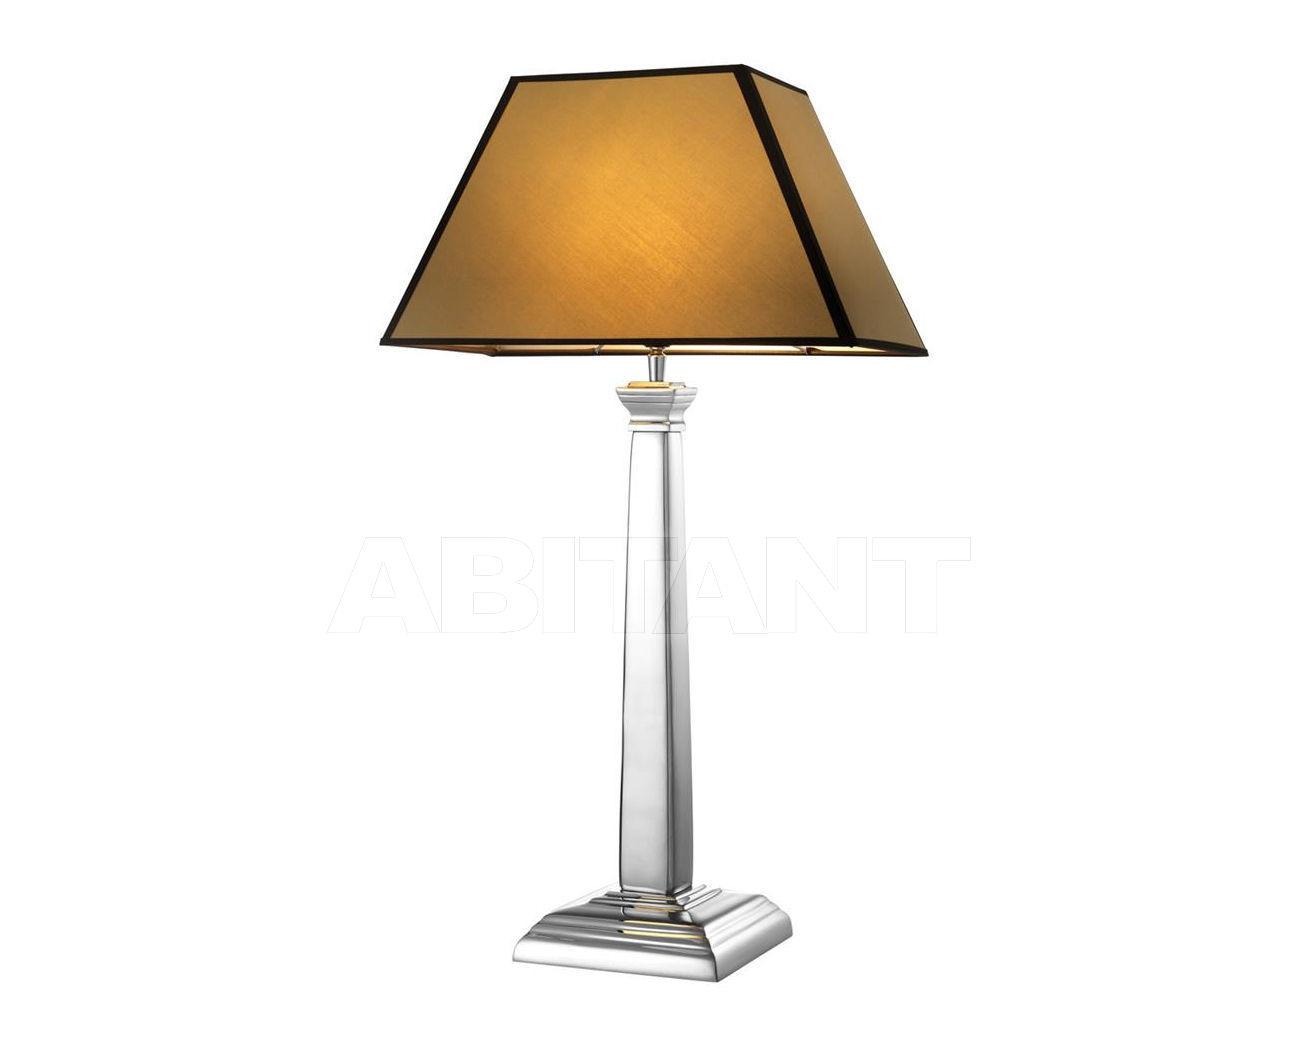 Купить Лампа настольная Andrew Eichholtz  Lighting 104382